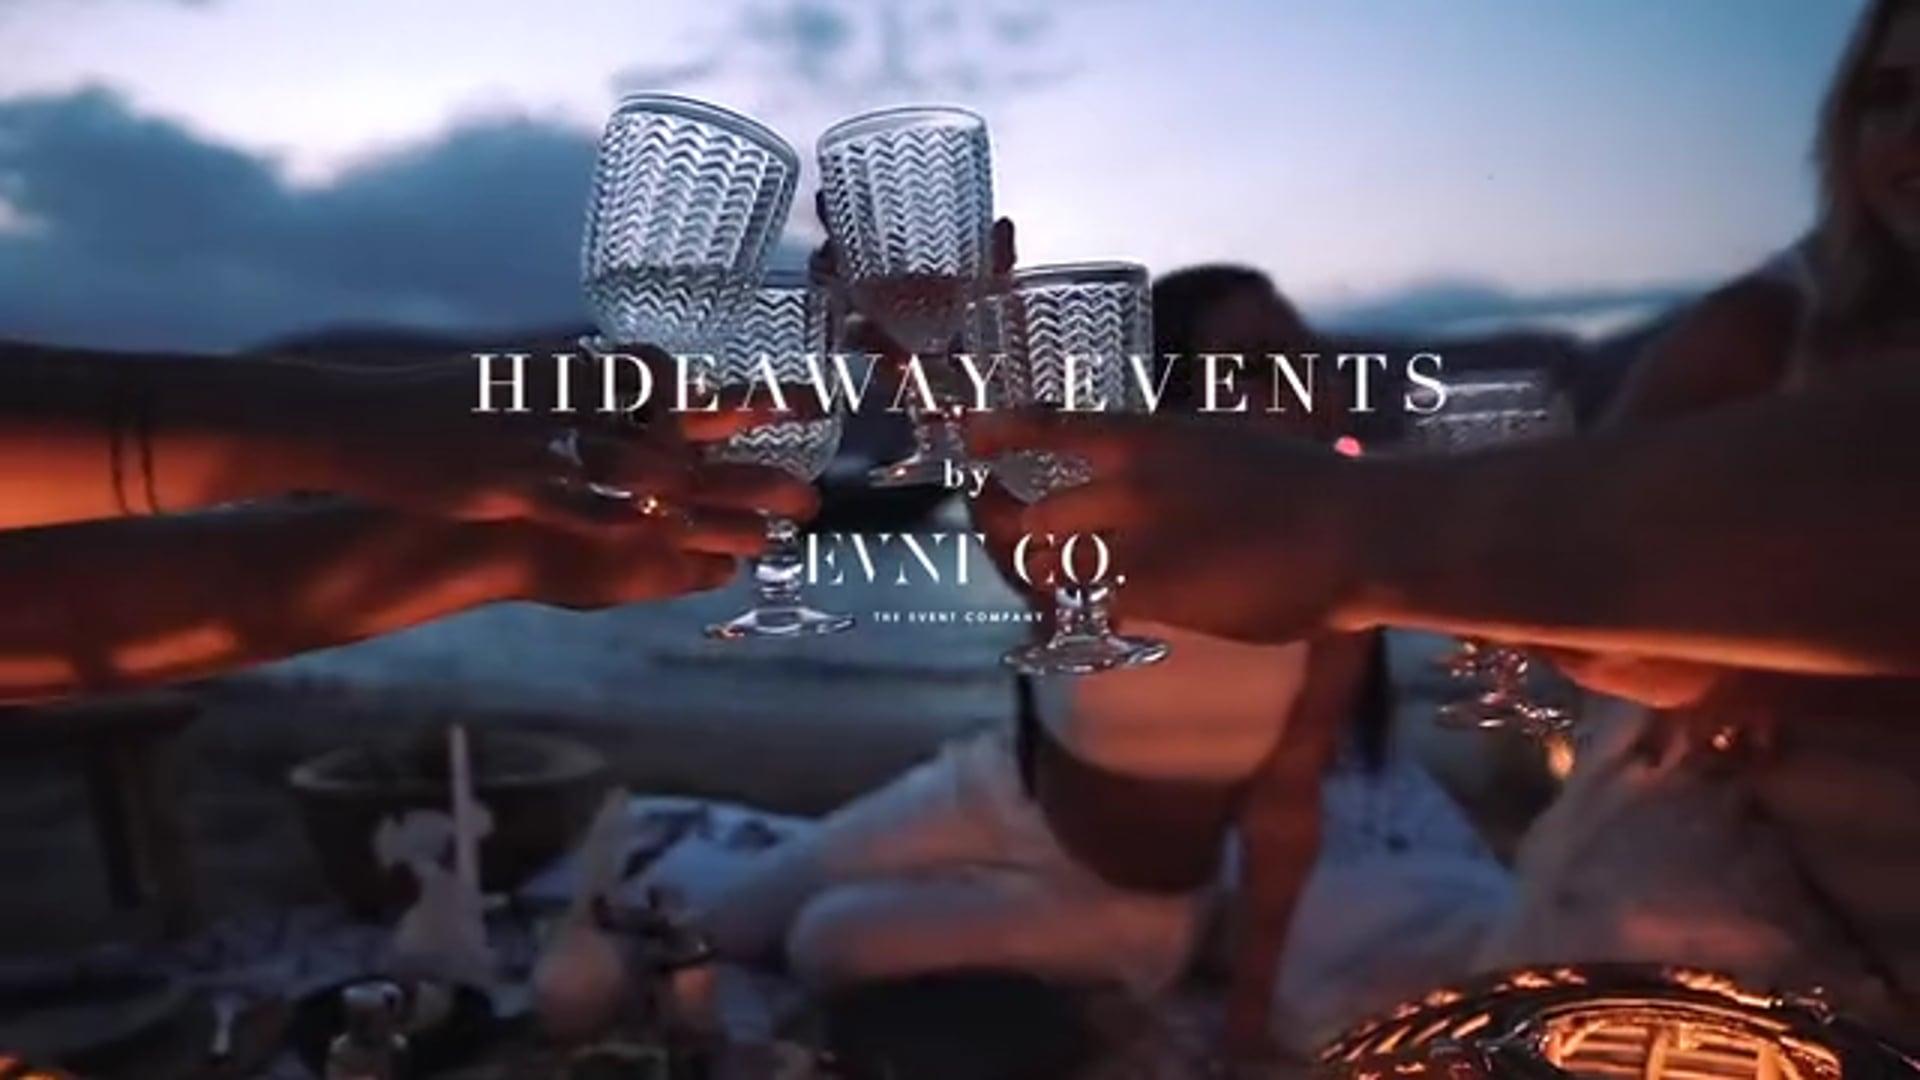 Hideaway events